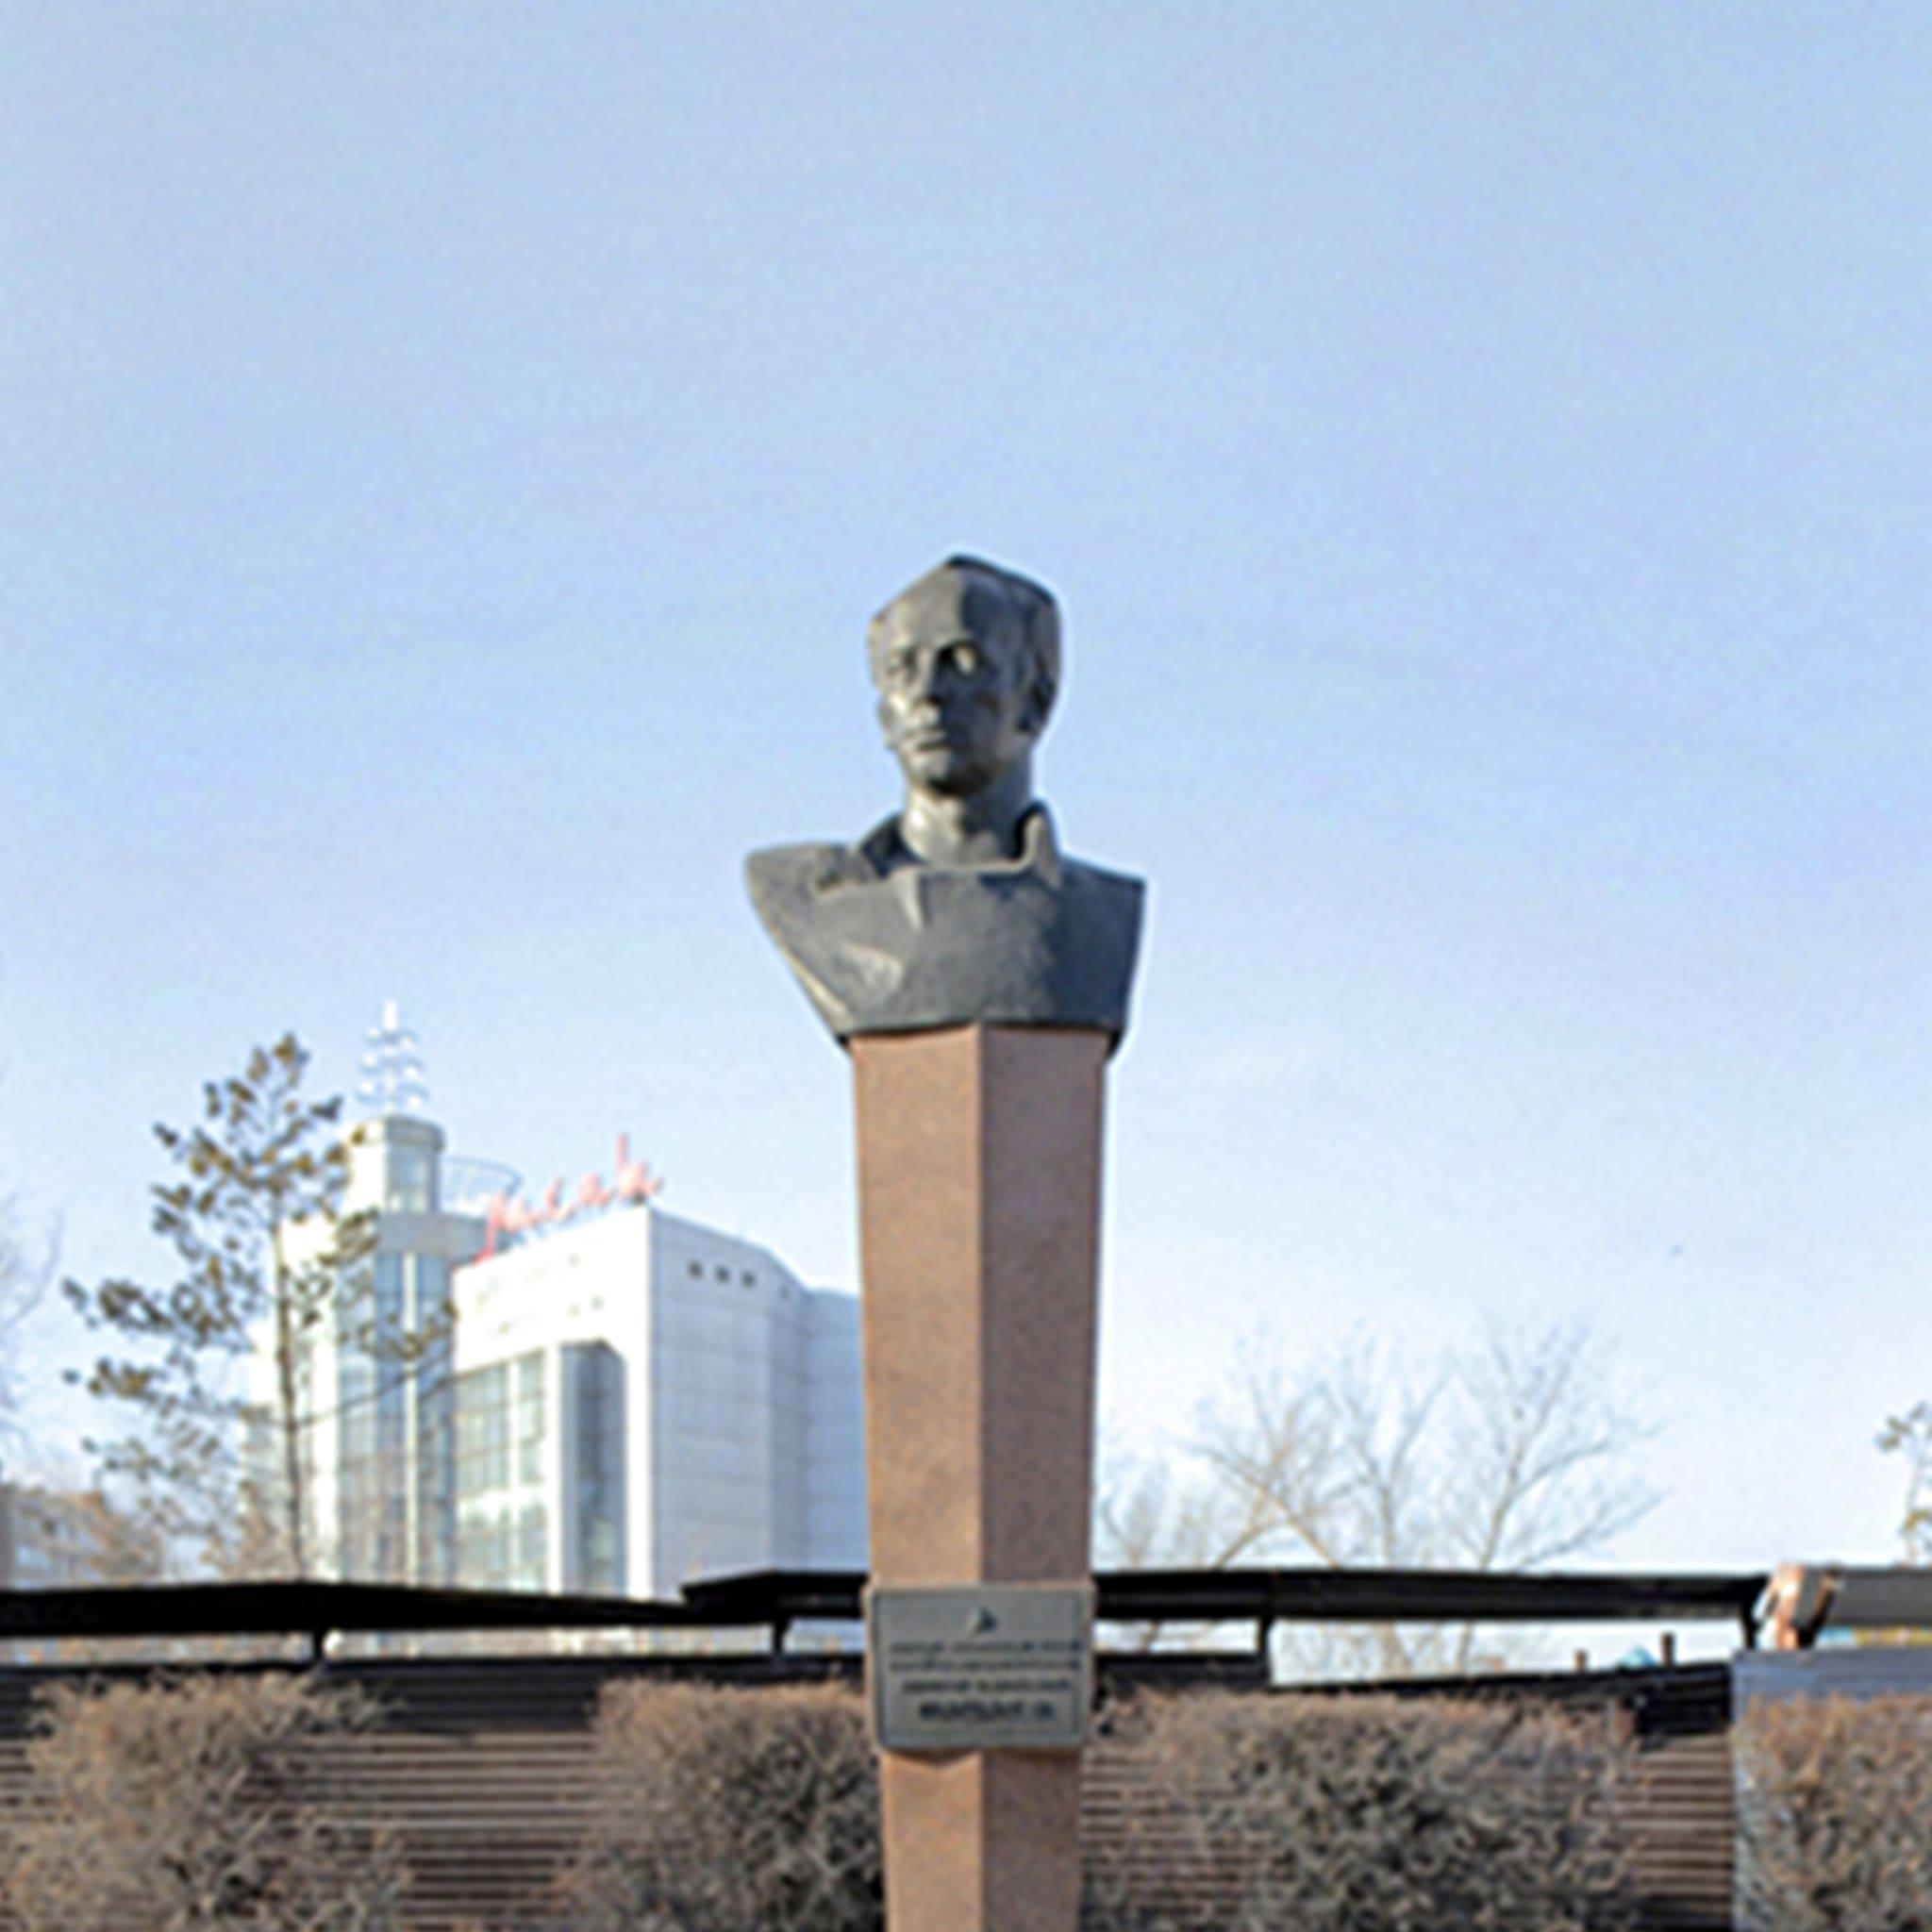 Памятник-бюст Героя Советского Союза, летчик-космонавта В.И. Пацаева